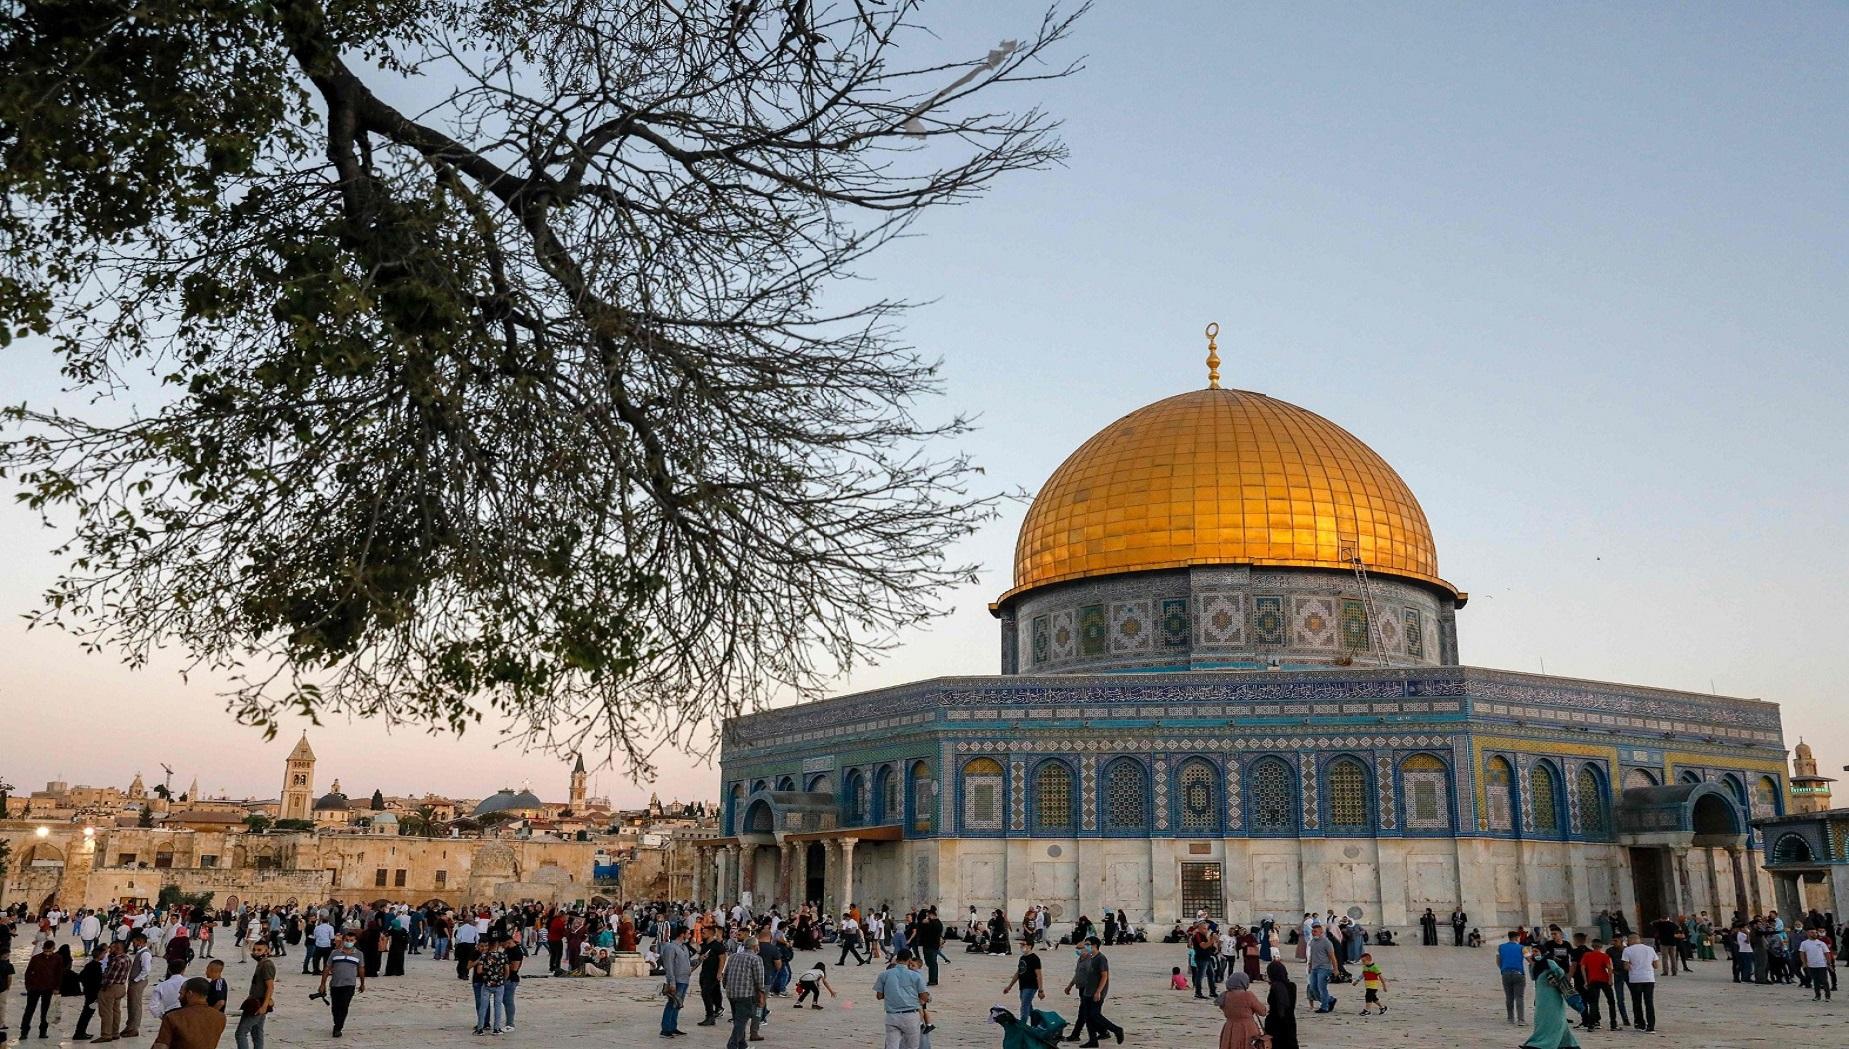 Gerusalemme e Riad sempre più unite contro Teheran